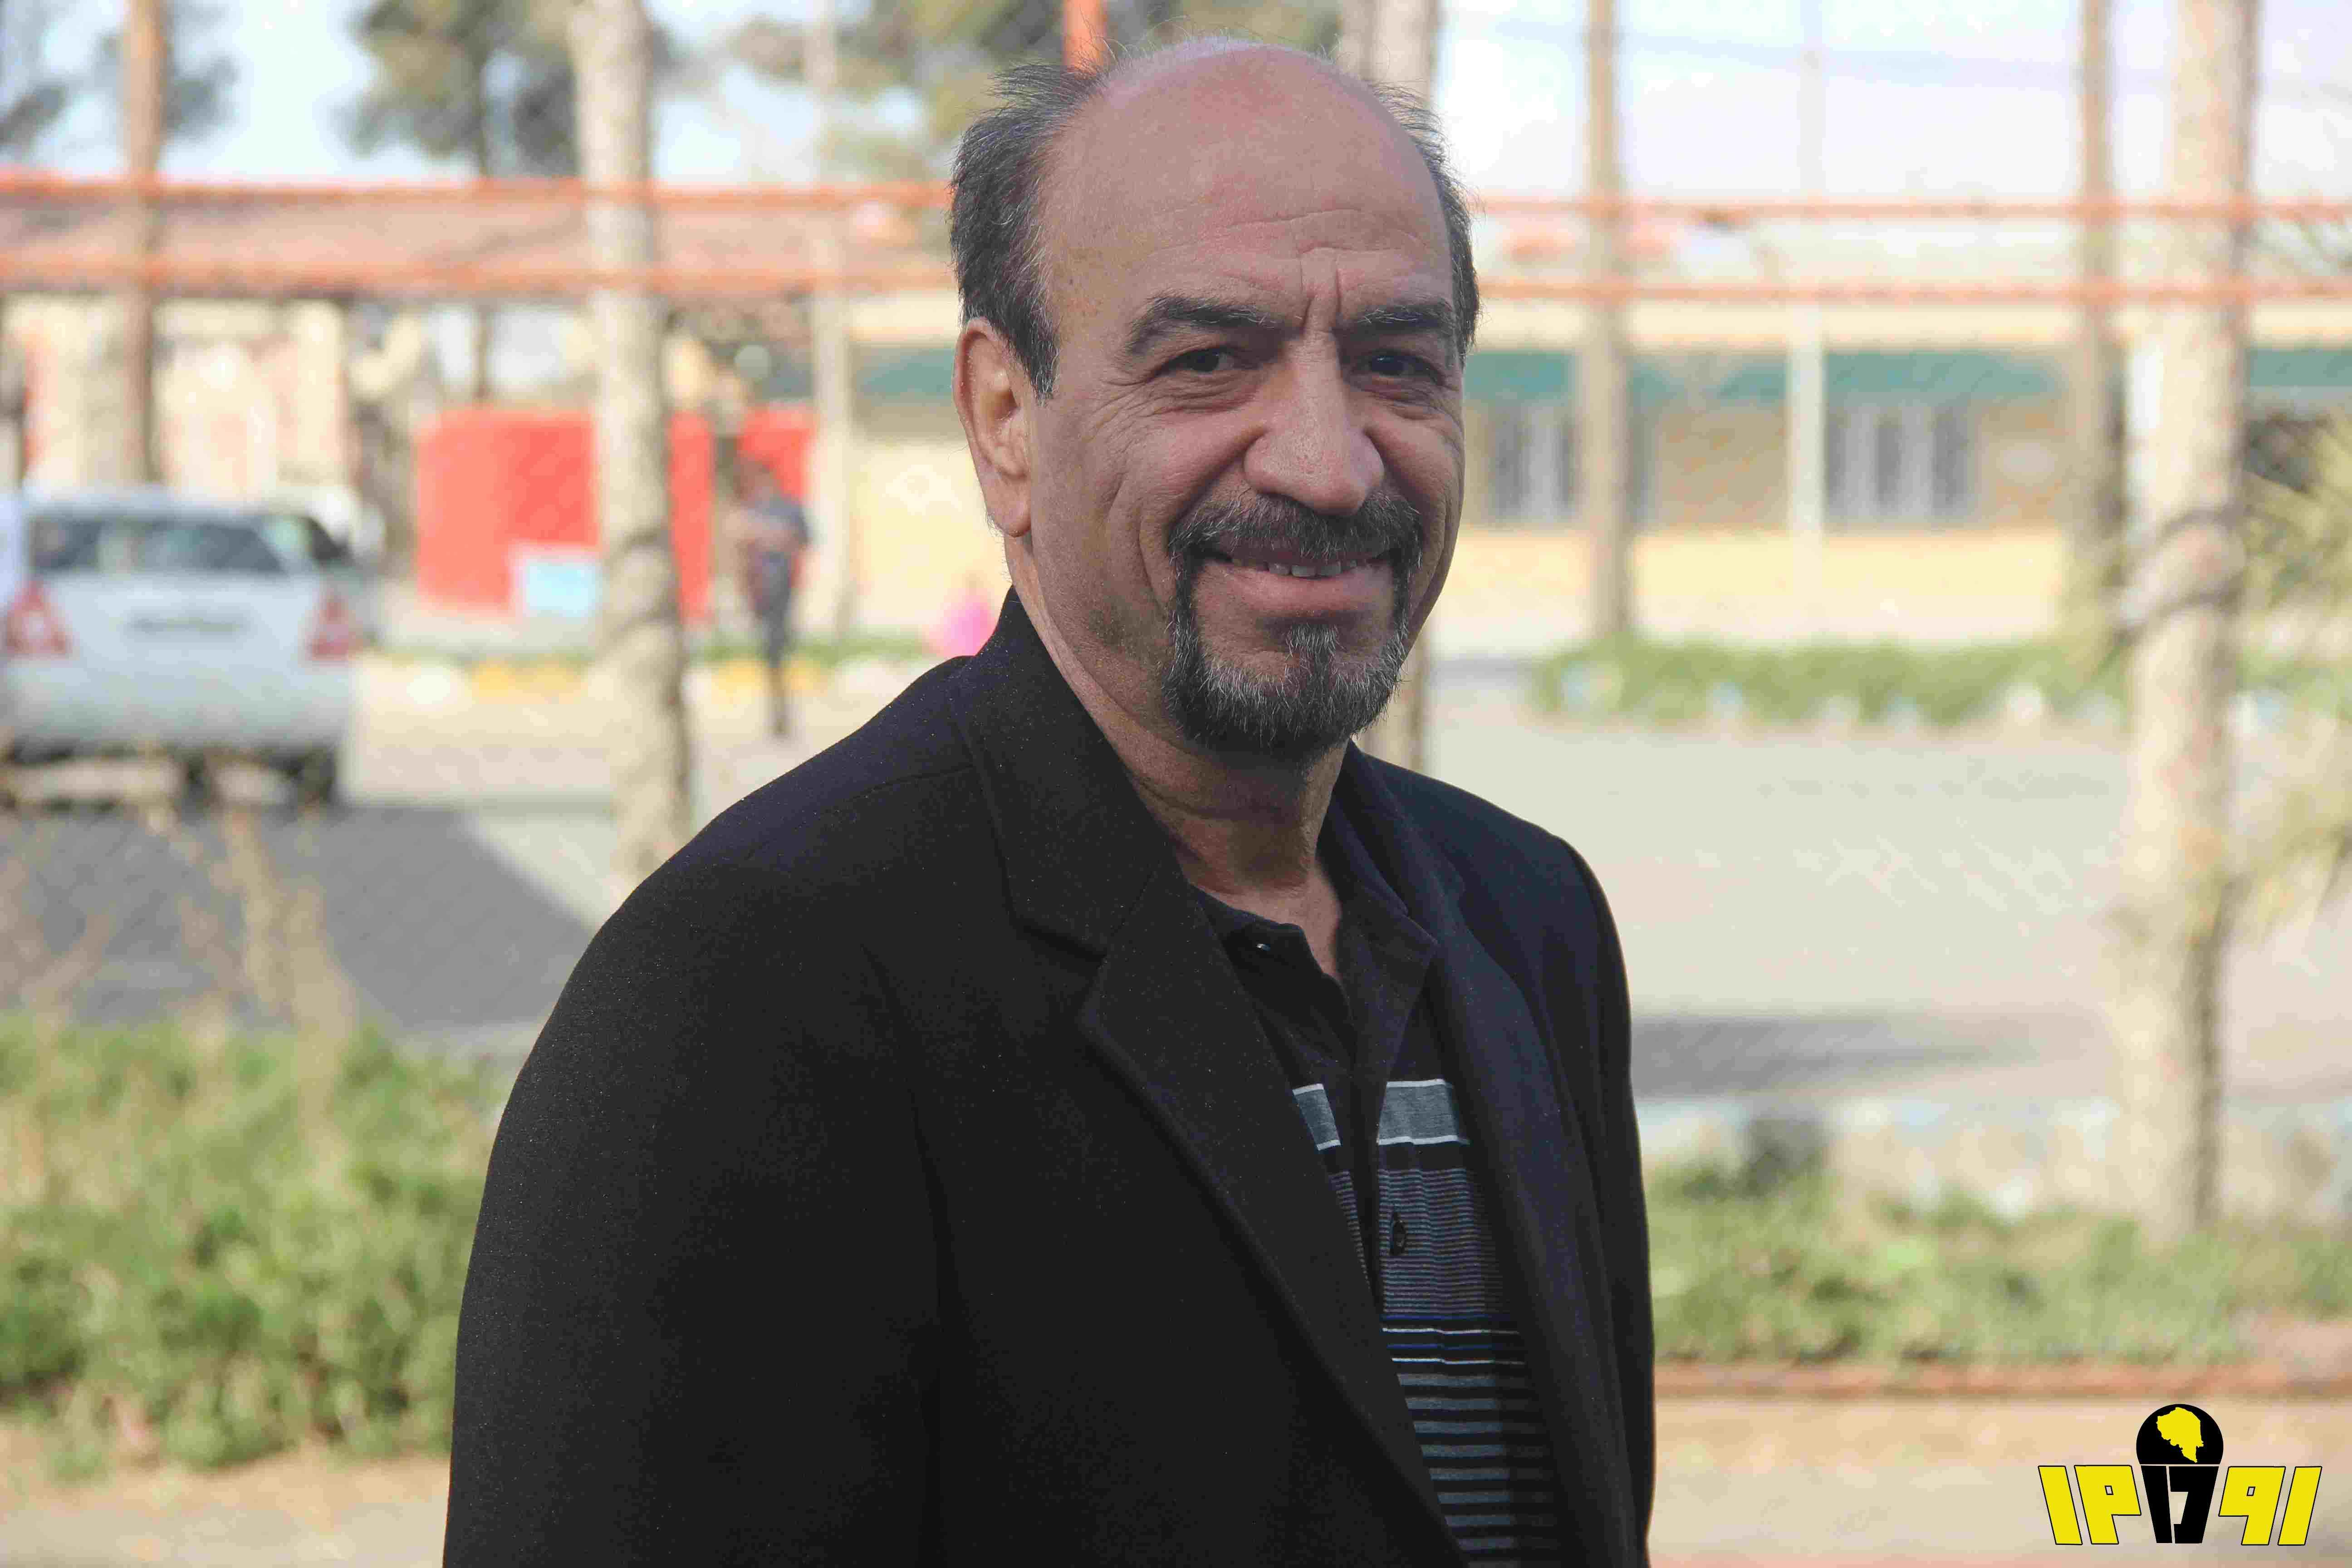 مجله تصویری رو در رو (پیشاهنگ) - گفتگوی صمیمانه با حسام شهیدی پیشکسوت فوتبال باشگاه شهرداری کرمان